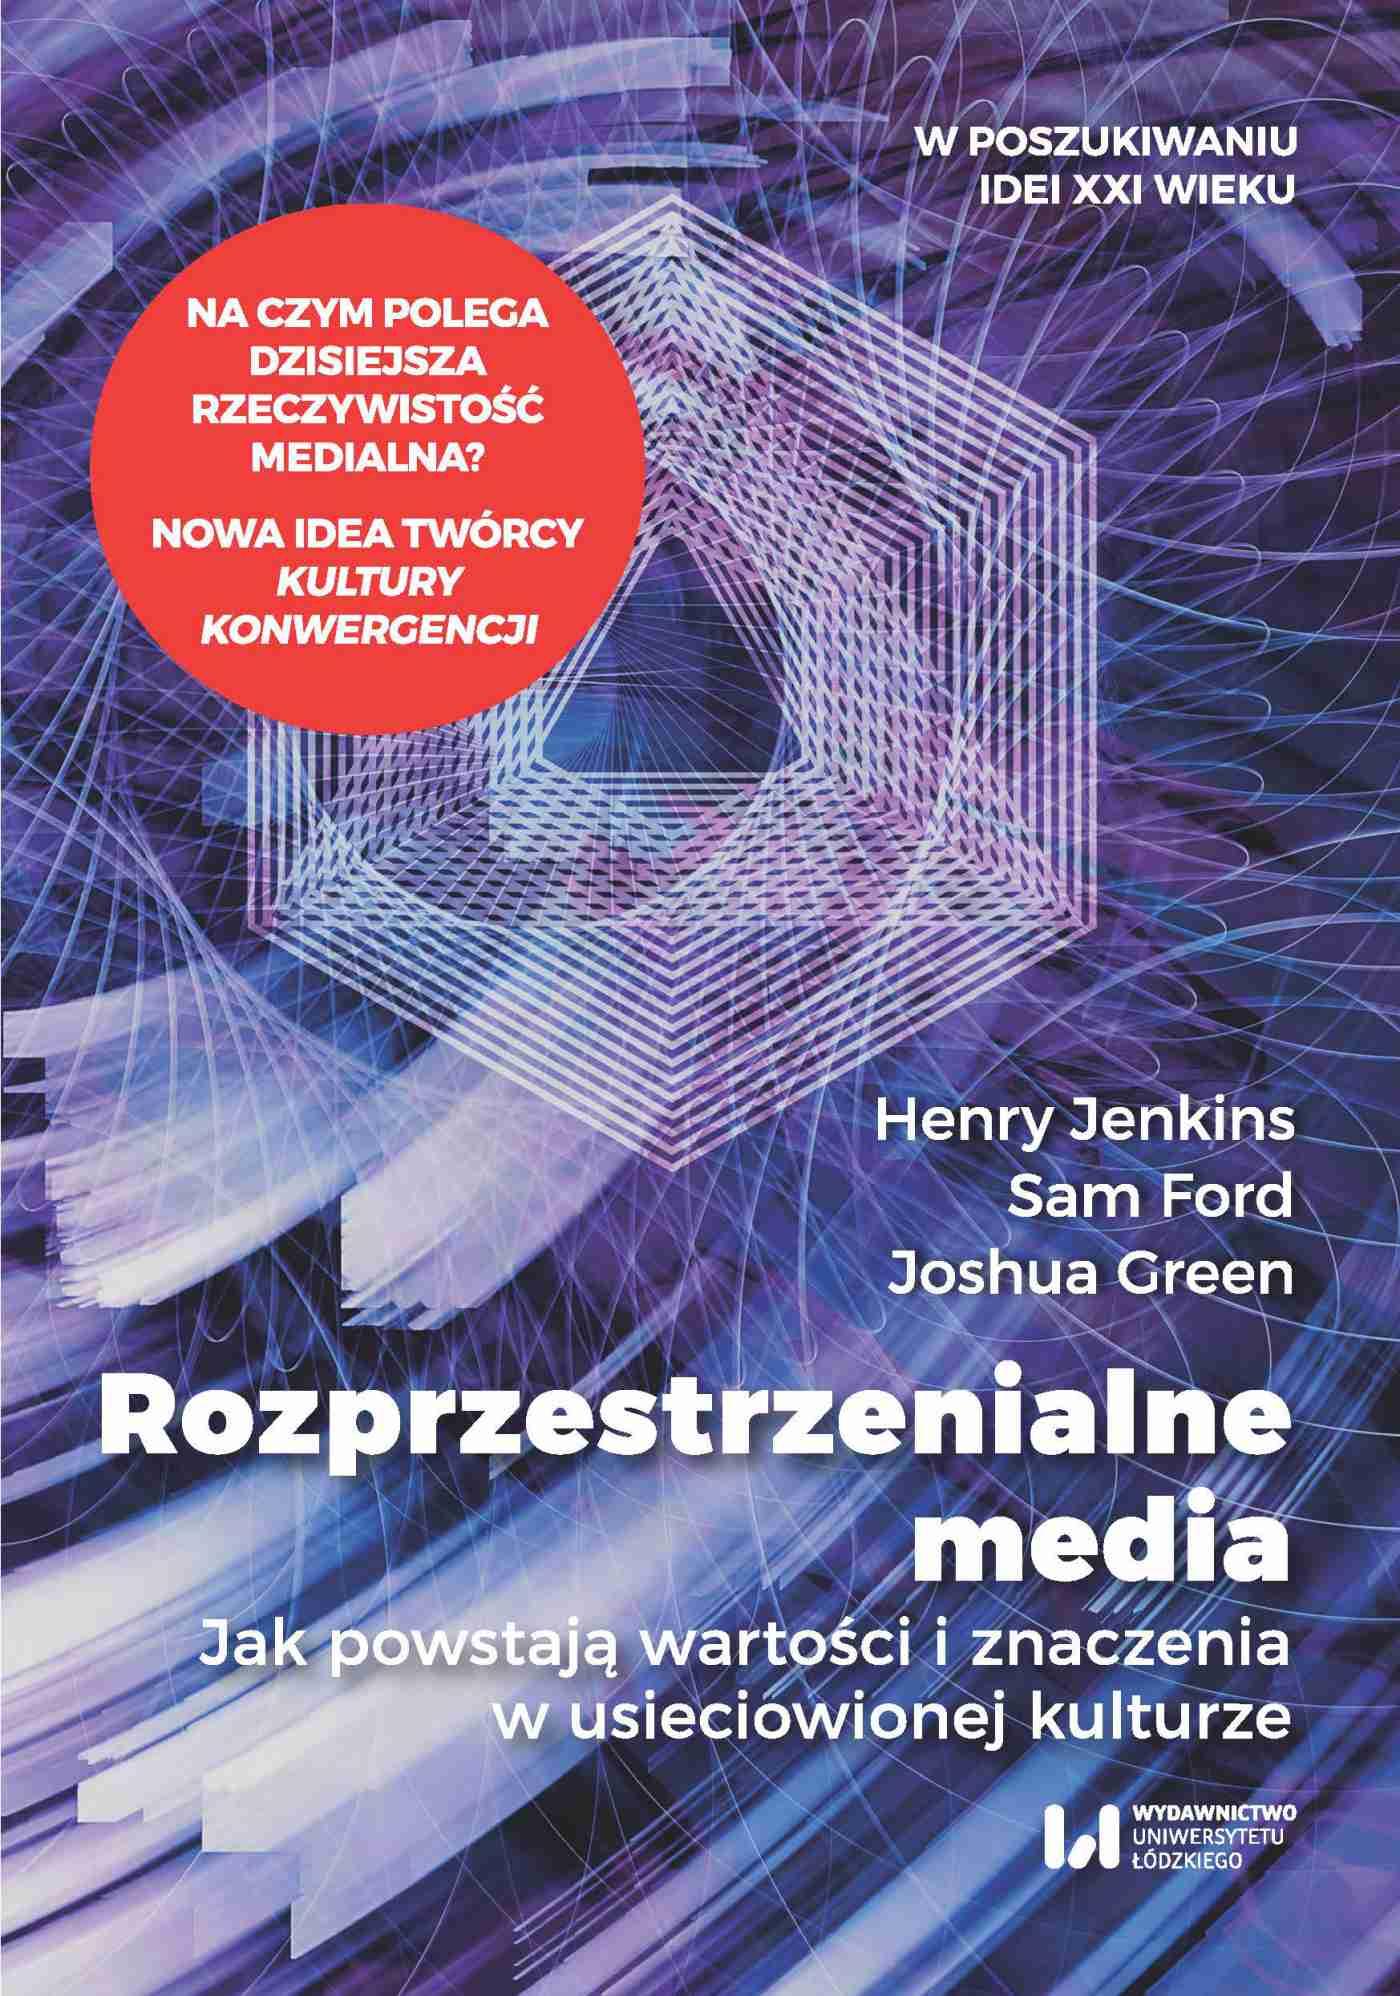 Rozprzestrzenialne media. Jak powstają wartości i znaczenia w usieciowionej kulturze - Ebook (Książka na Kindle) do pobrania w formacie MOBI